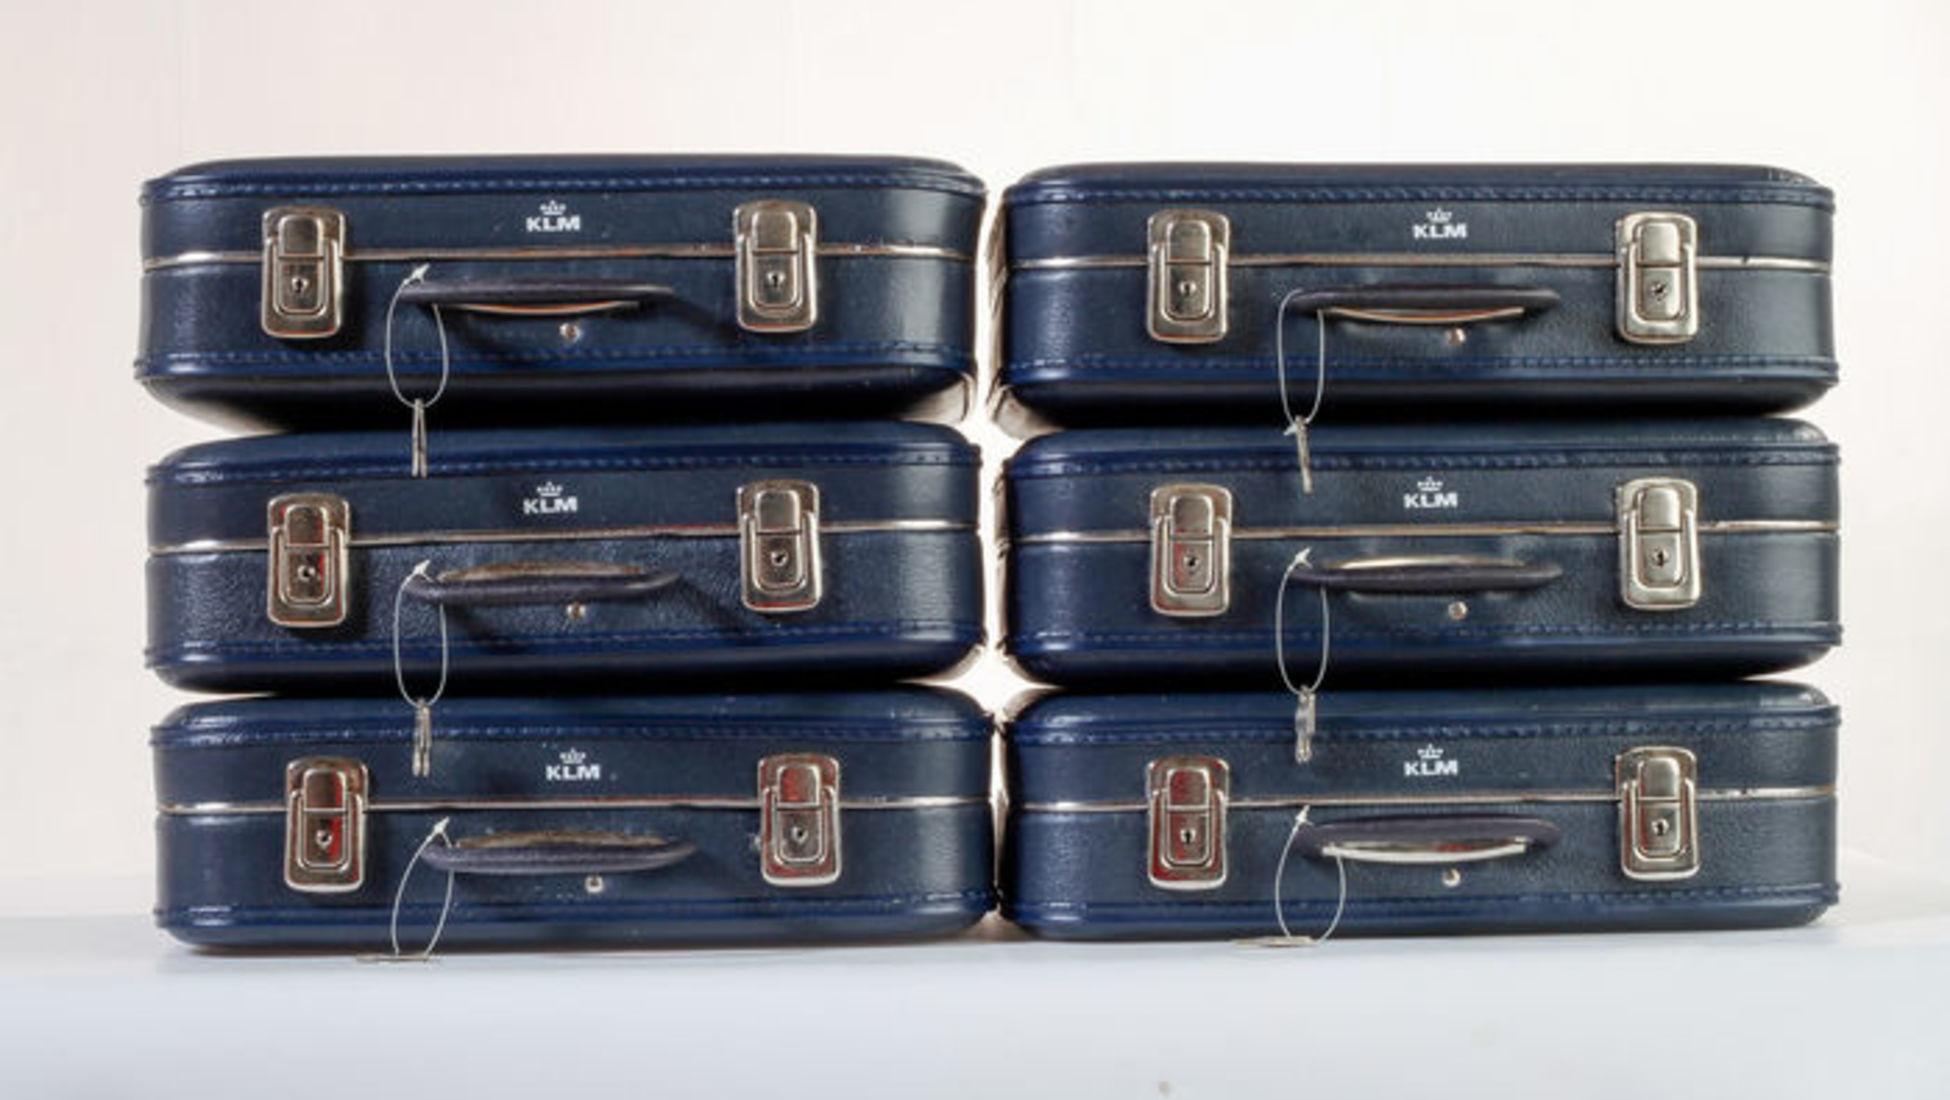 On ne peut pas parler de sacs de voyage sans mentionner le summum de la  marque de luxe de voyage, Louis Vuitton. Fondée en 1854 à Paris, Louis  Vuitton ... bb2f4fb44bc